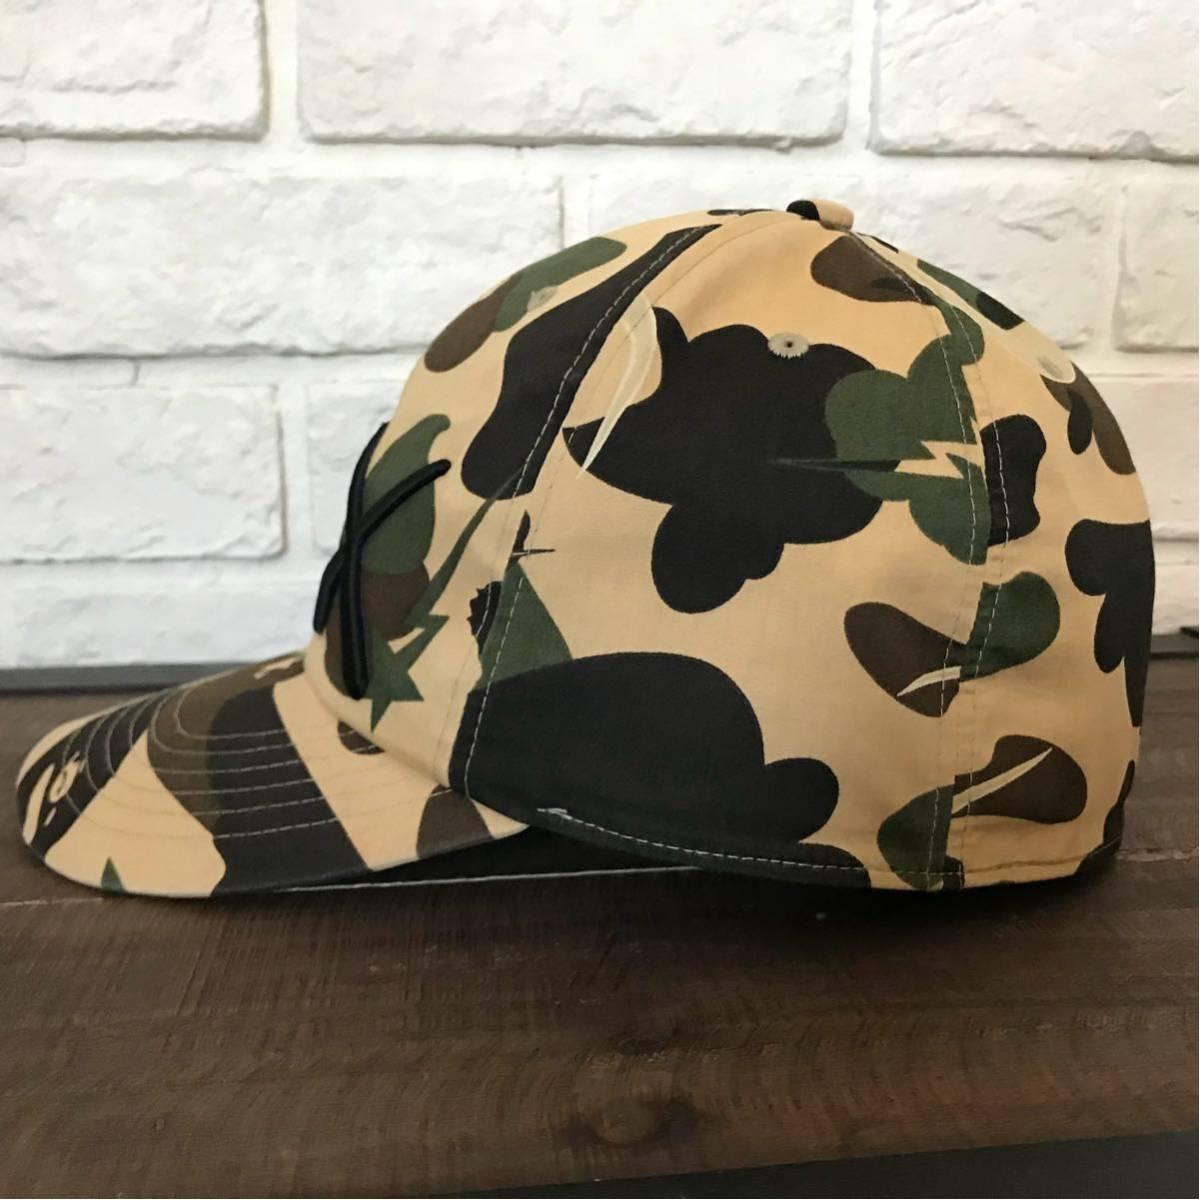 ★激レア★ kaws 1st camo yellow キャップ Mサイズ a bathing ape bape エイプ ベイプ アベイシングエイプ カウズ original fake 帽子